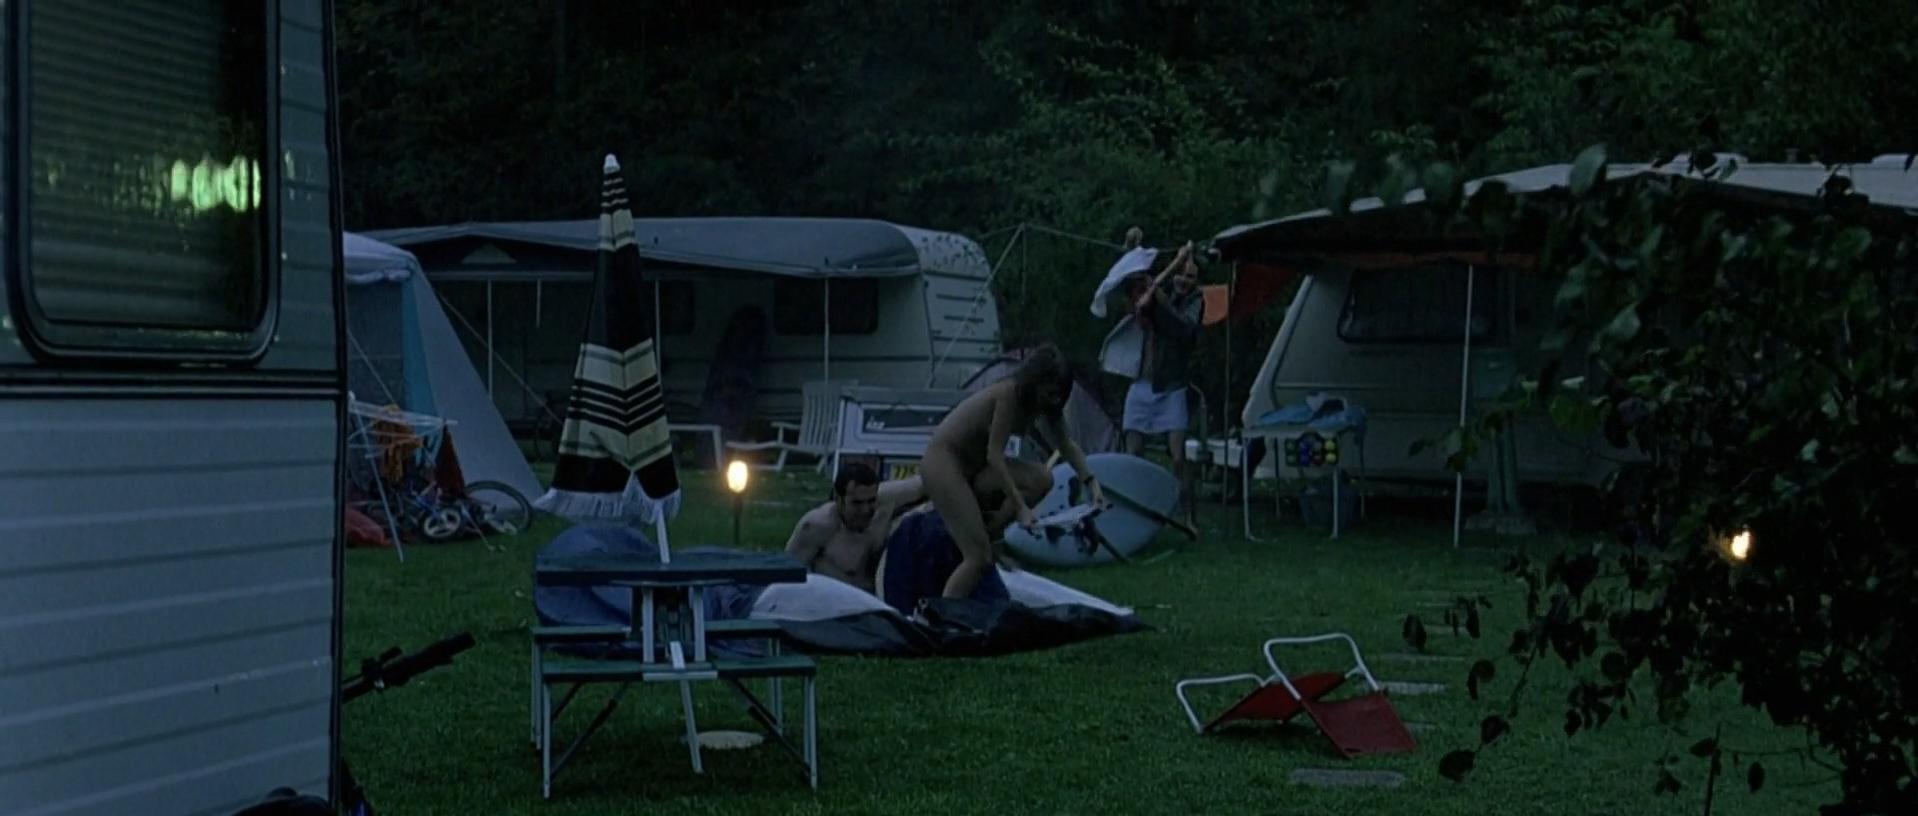 Melanie Laurent nude - Je vais bien, ne t'en fais pas (2006)